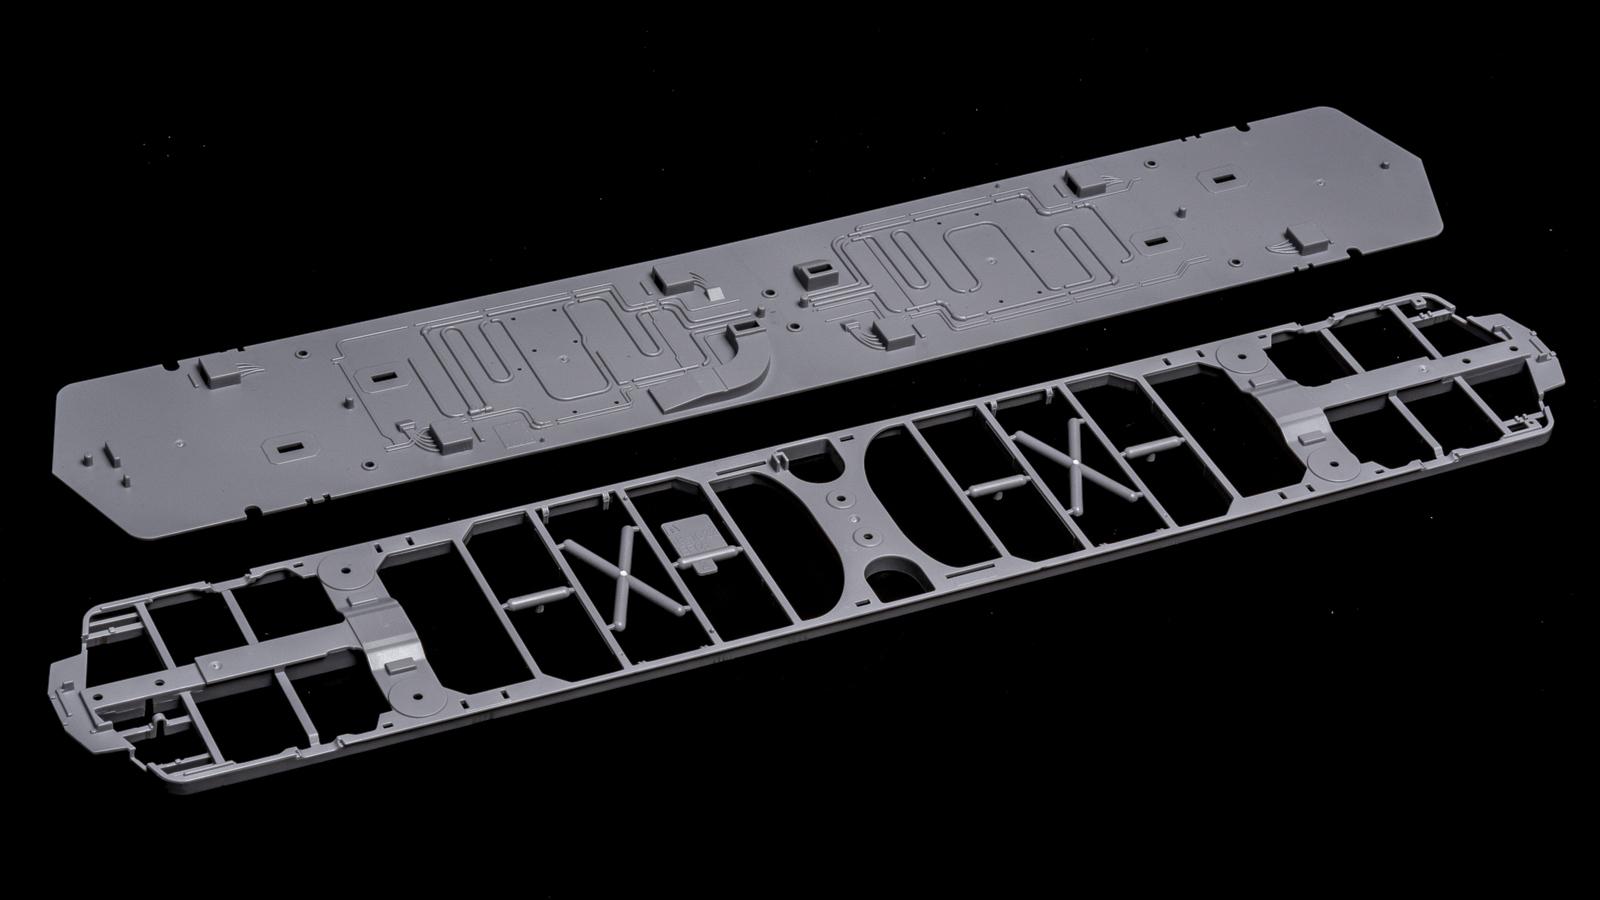 アオシマの放つ「超巨大な電気機関車のプラモデル」、トレミュEF66の細部に迫る【前編】_b0029315_01073340.jpg